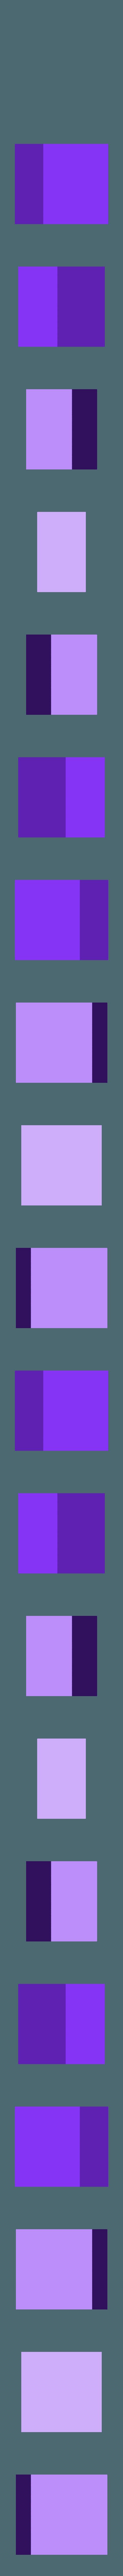 case_10x6.stl Télécharger fichier STL gratuit Support de système de stockage multi-box • Modèle pour imprimante 3D, vmi